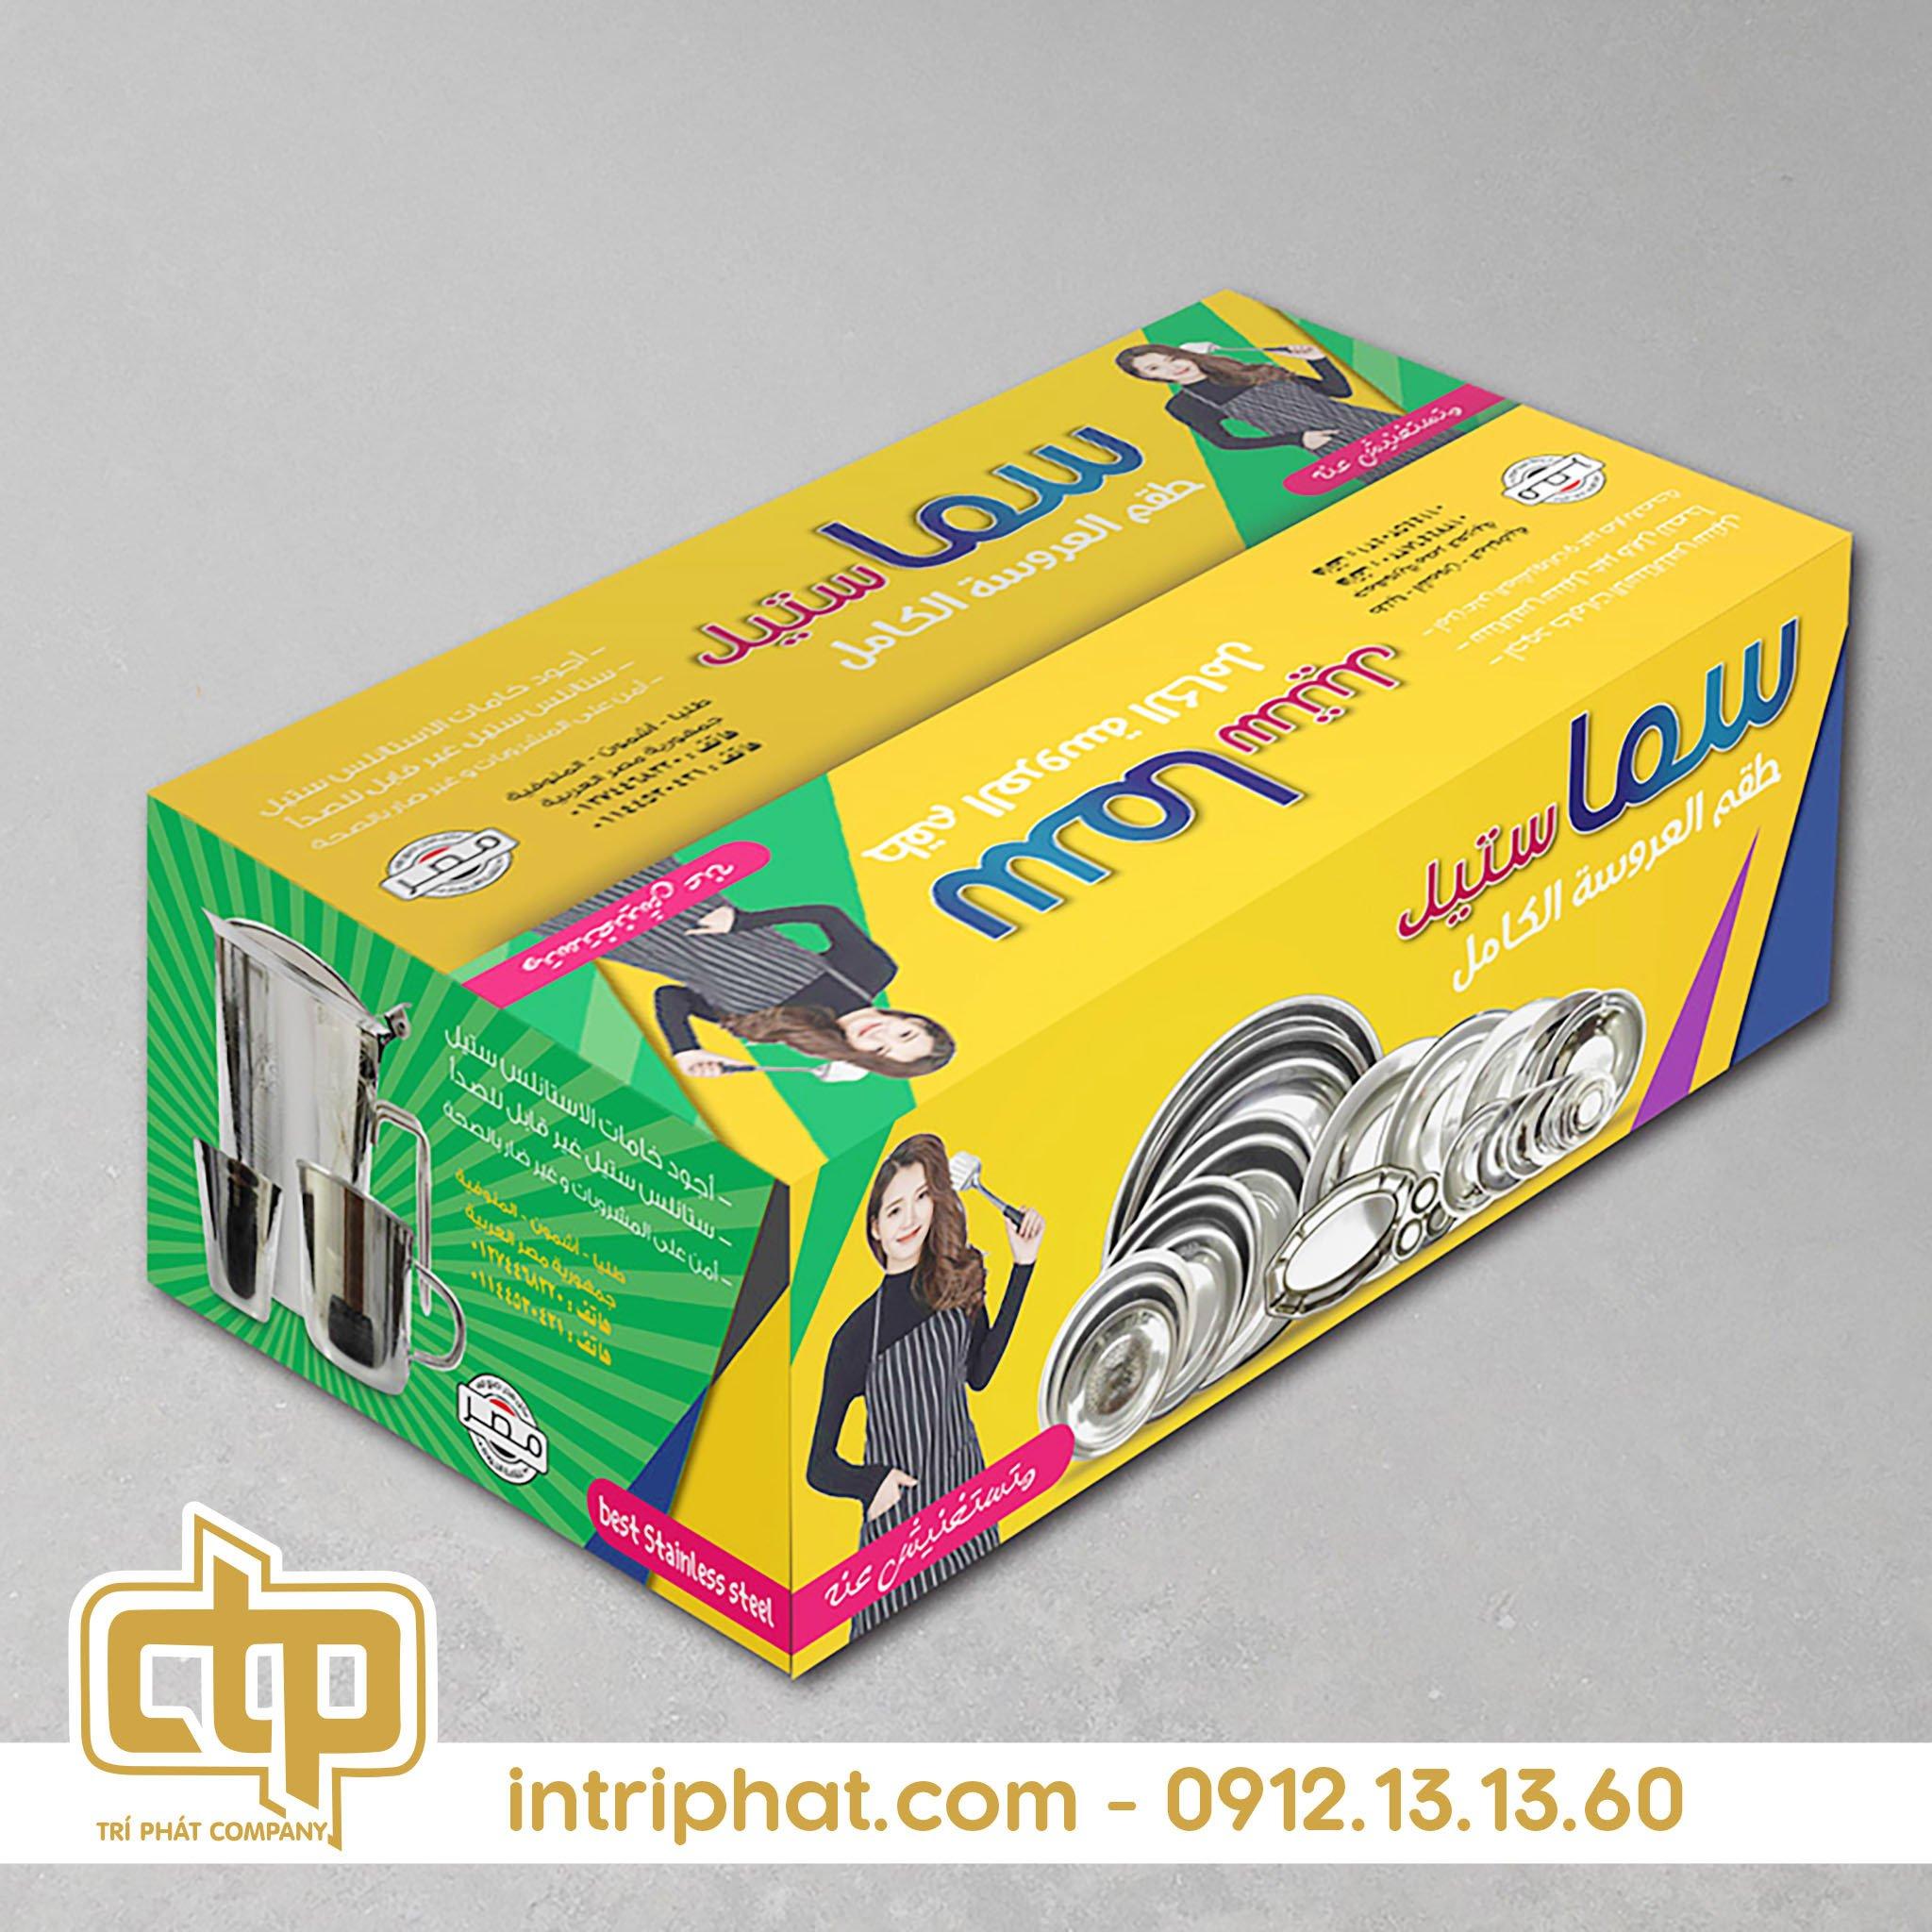 thung-carton (51)